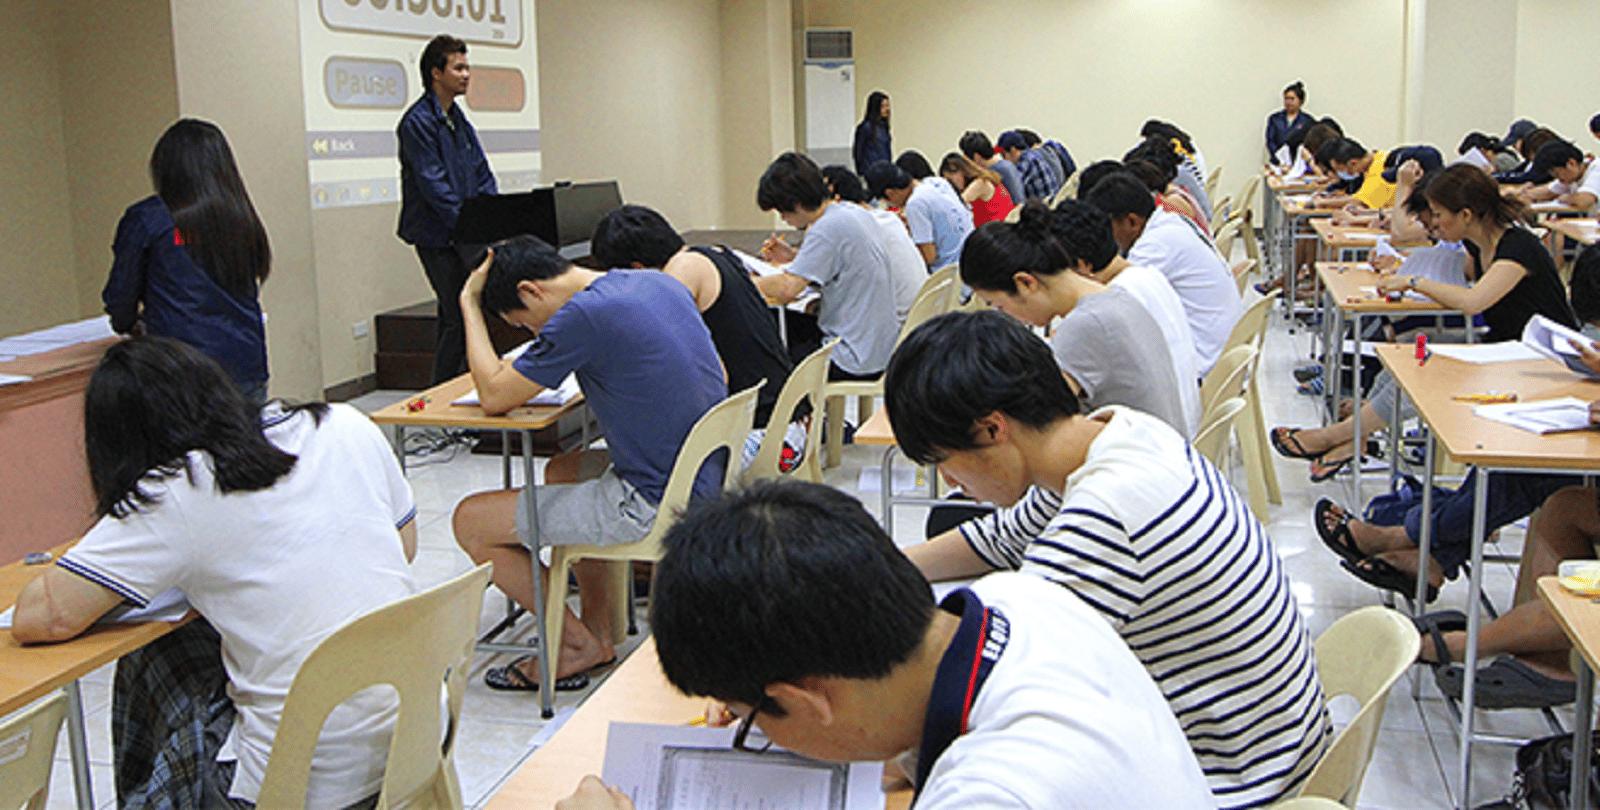 菲律賓語言學校-ESL課程